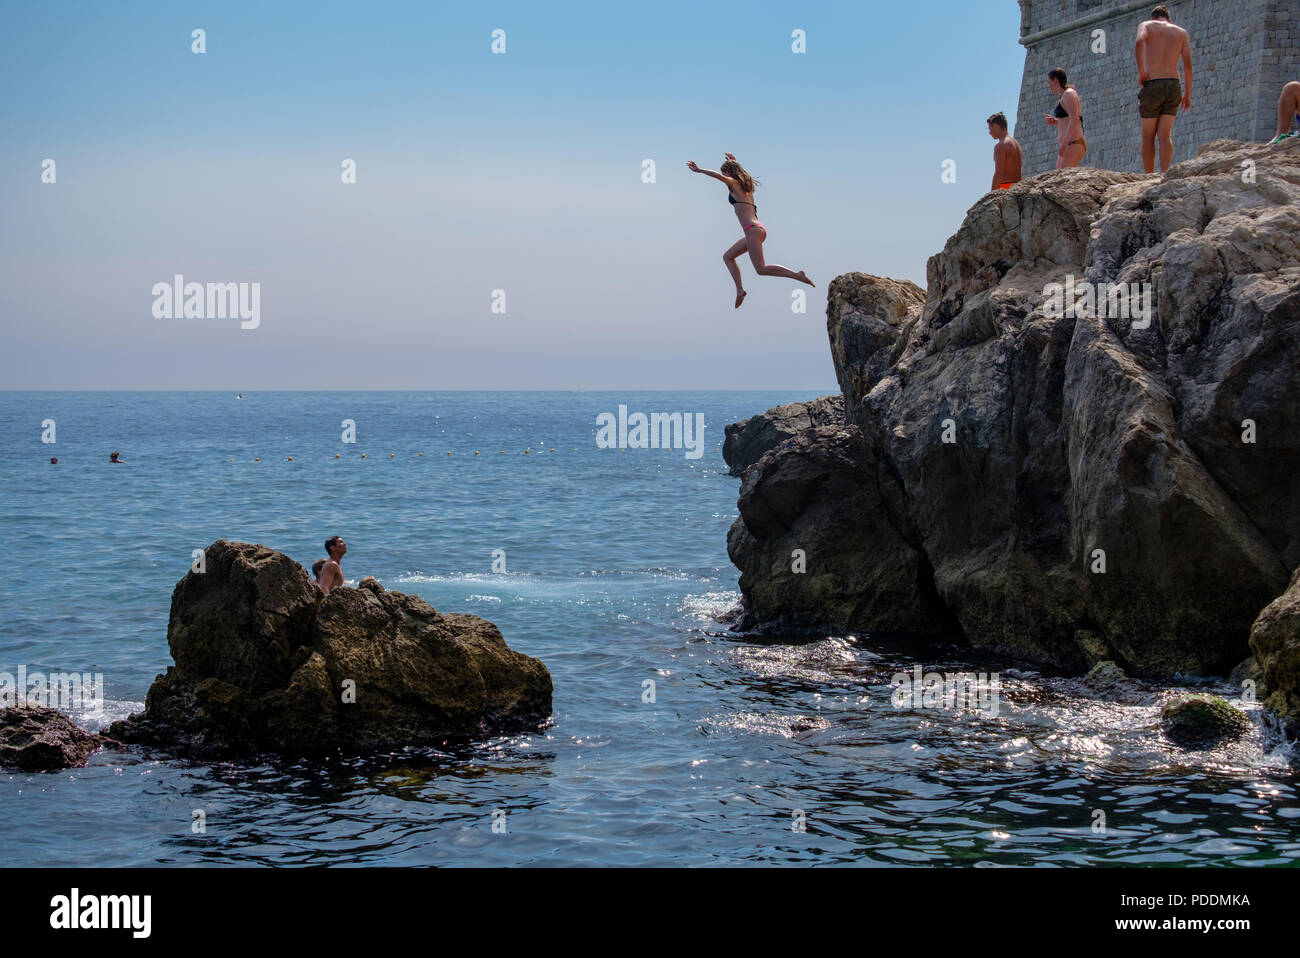 Persone che saltano fuori da una scogliera al mare Adriatico in Dubrovnik, Croazia, Europa Immagini Stock